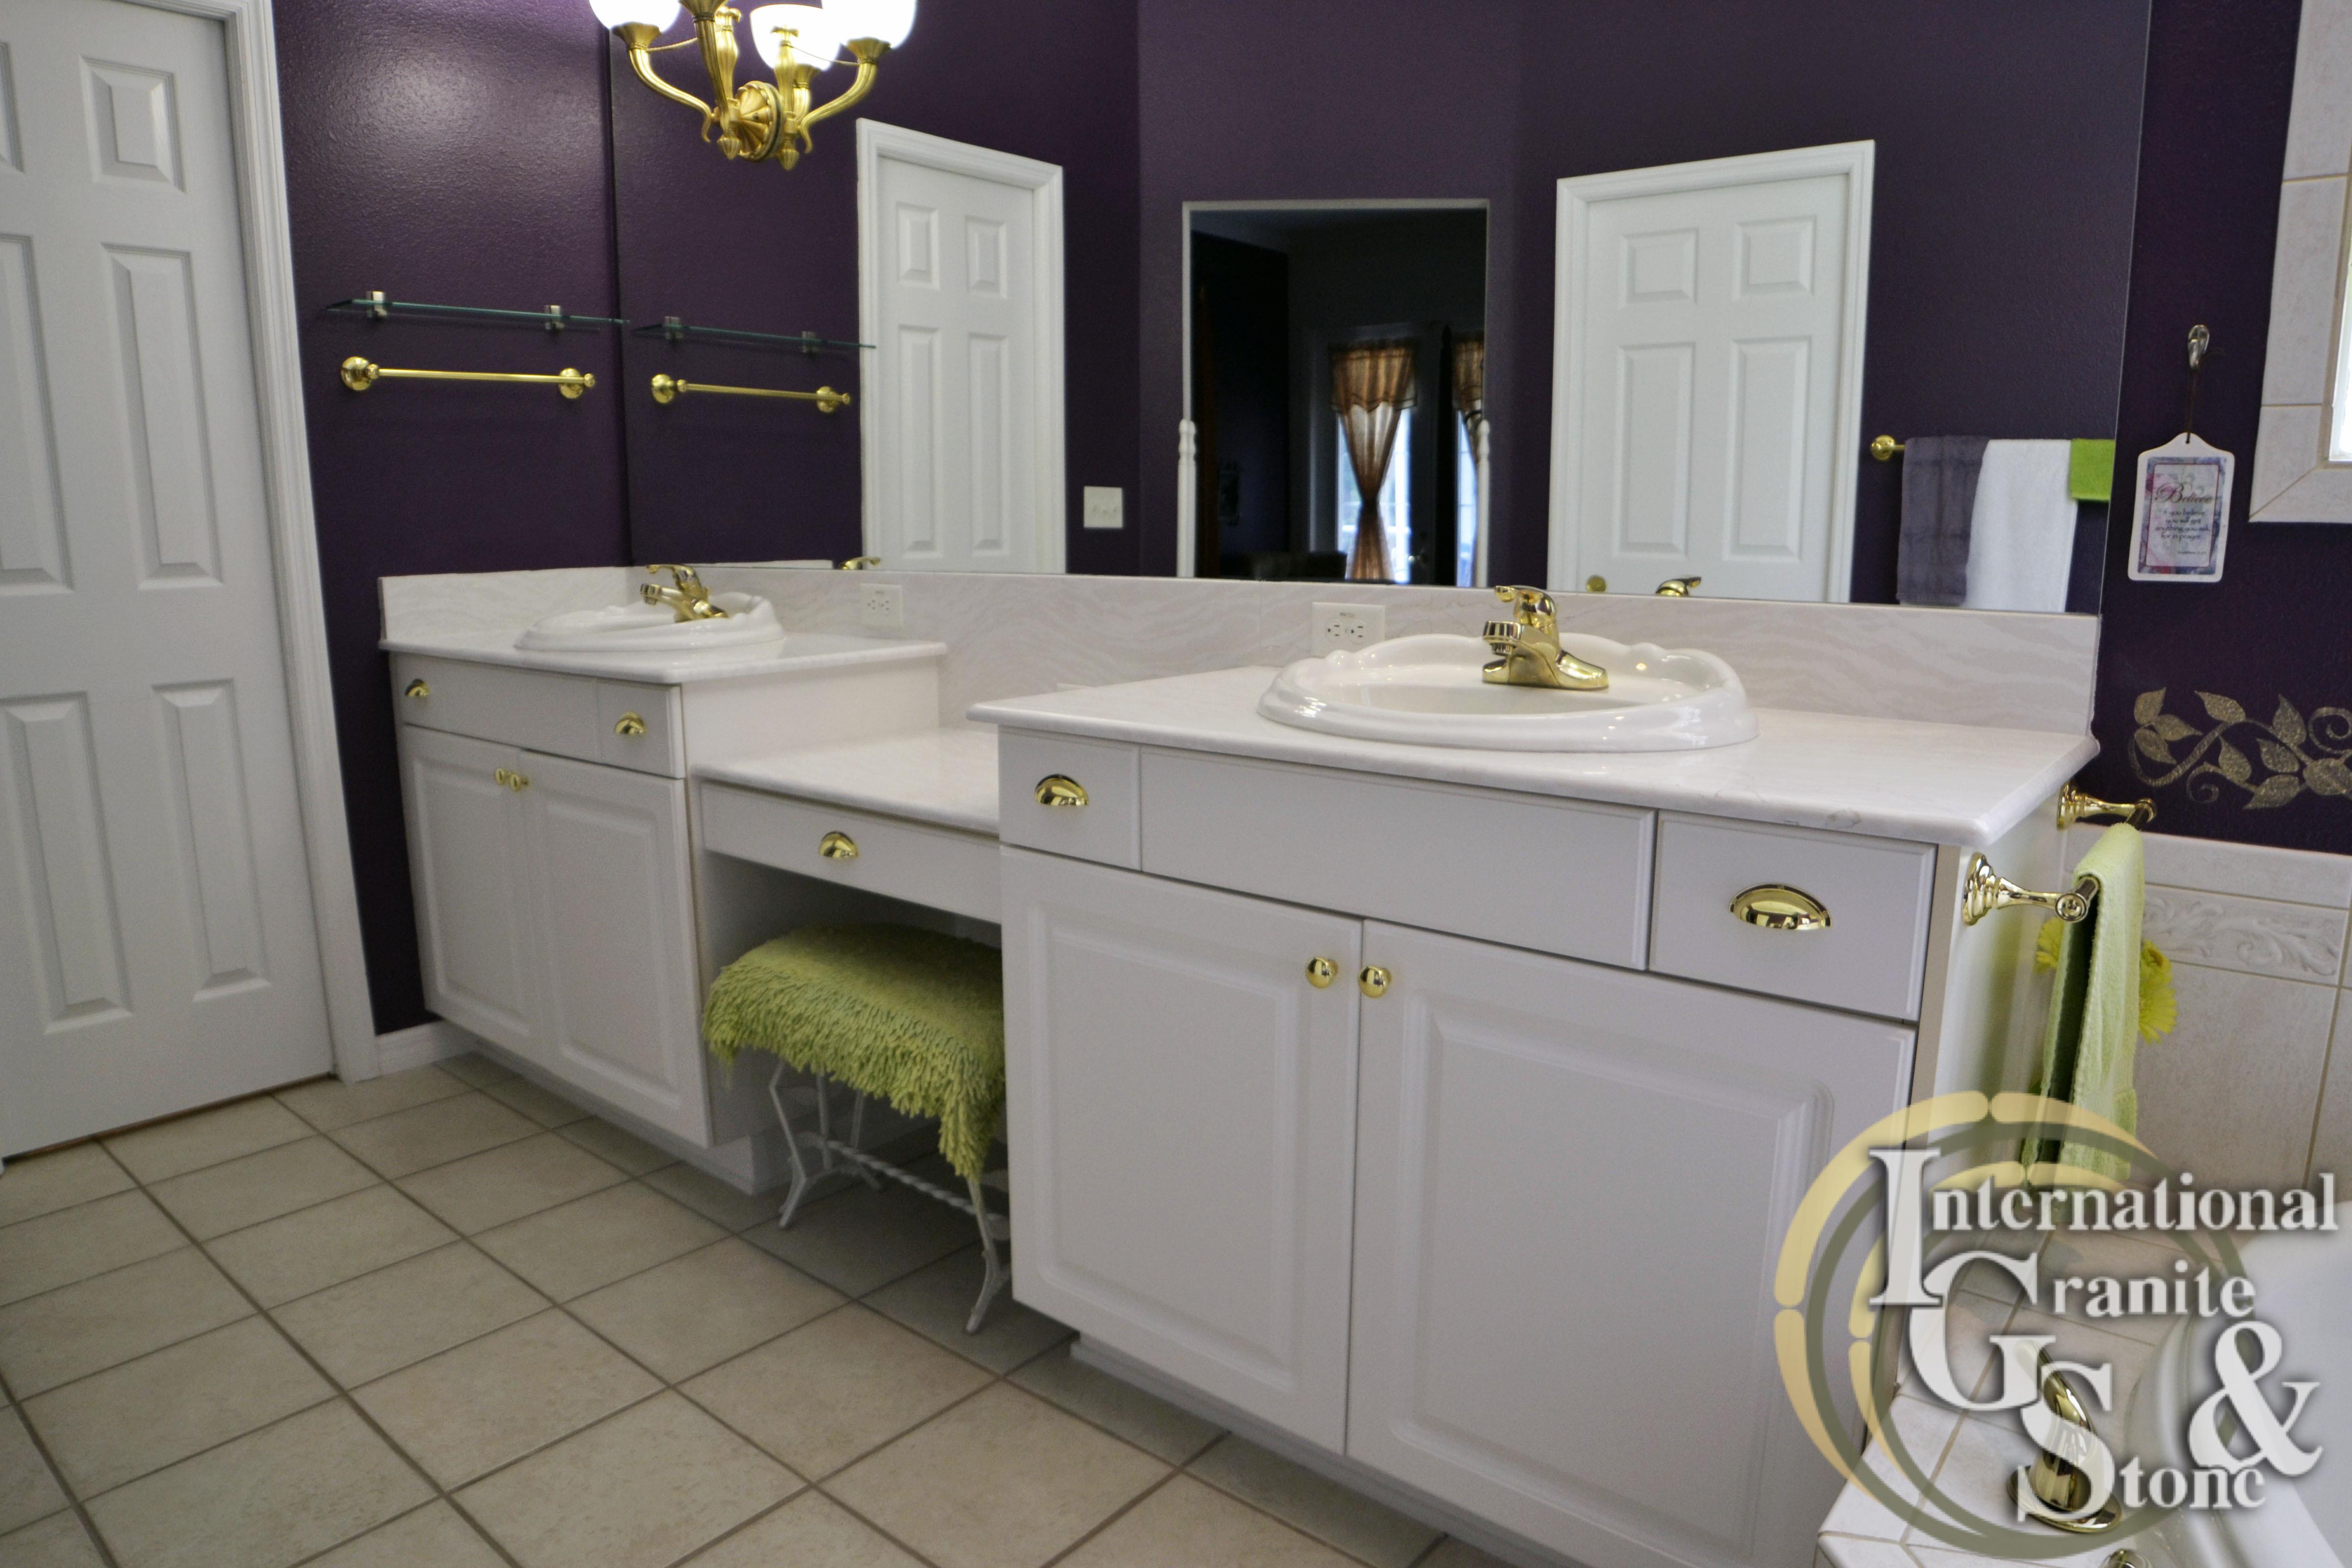 Tampa Quartz Bathroom Countertops | Remnants, Cost and Colors